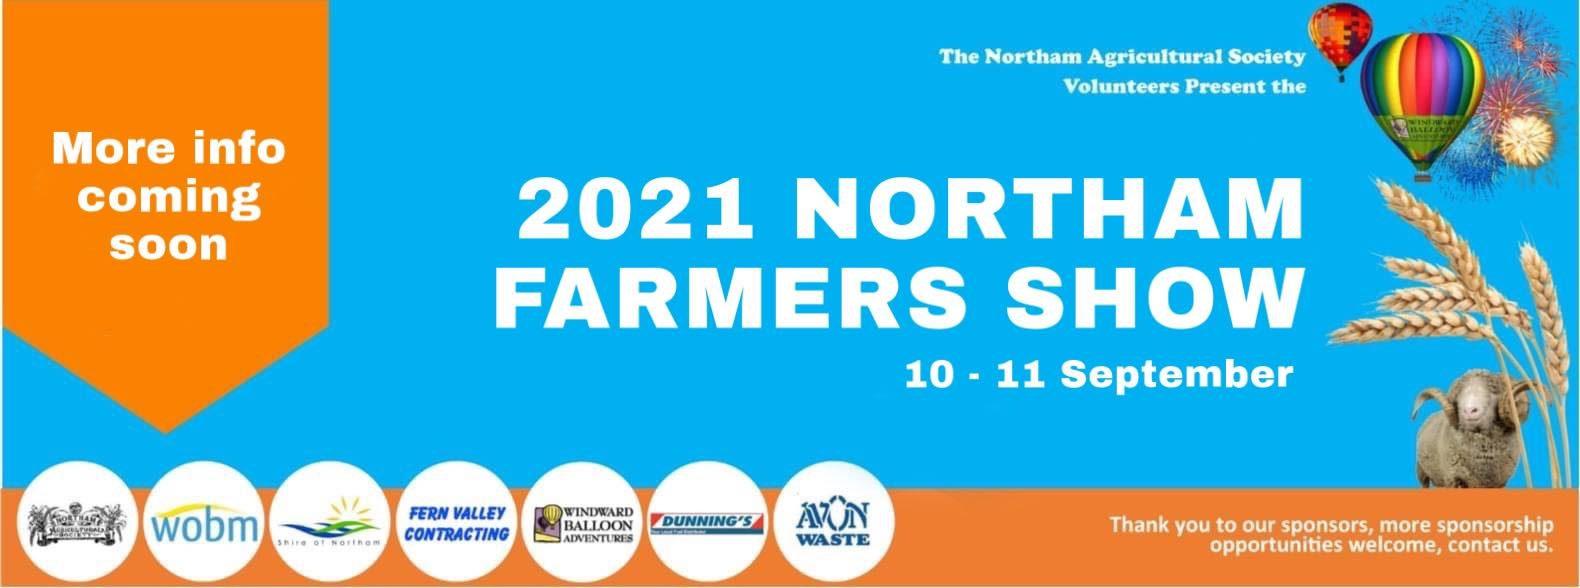 Northam Farmers Show 2021